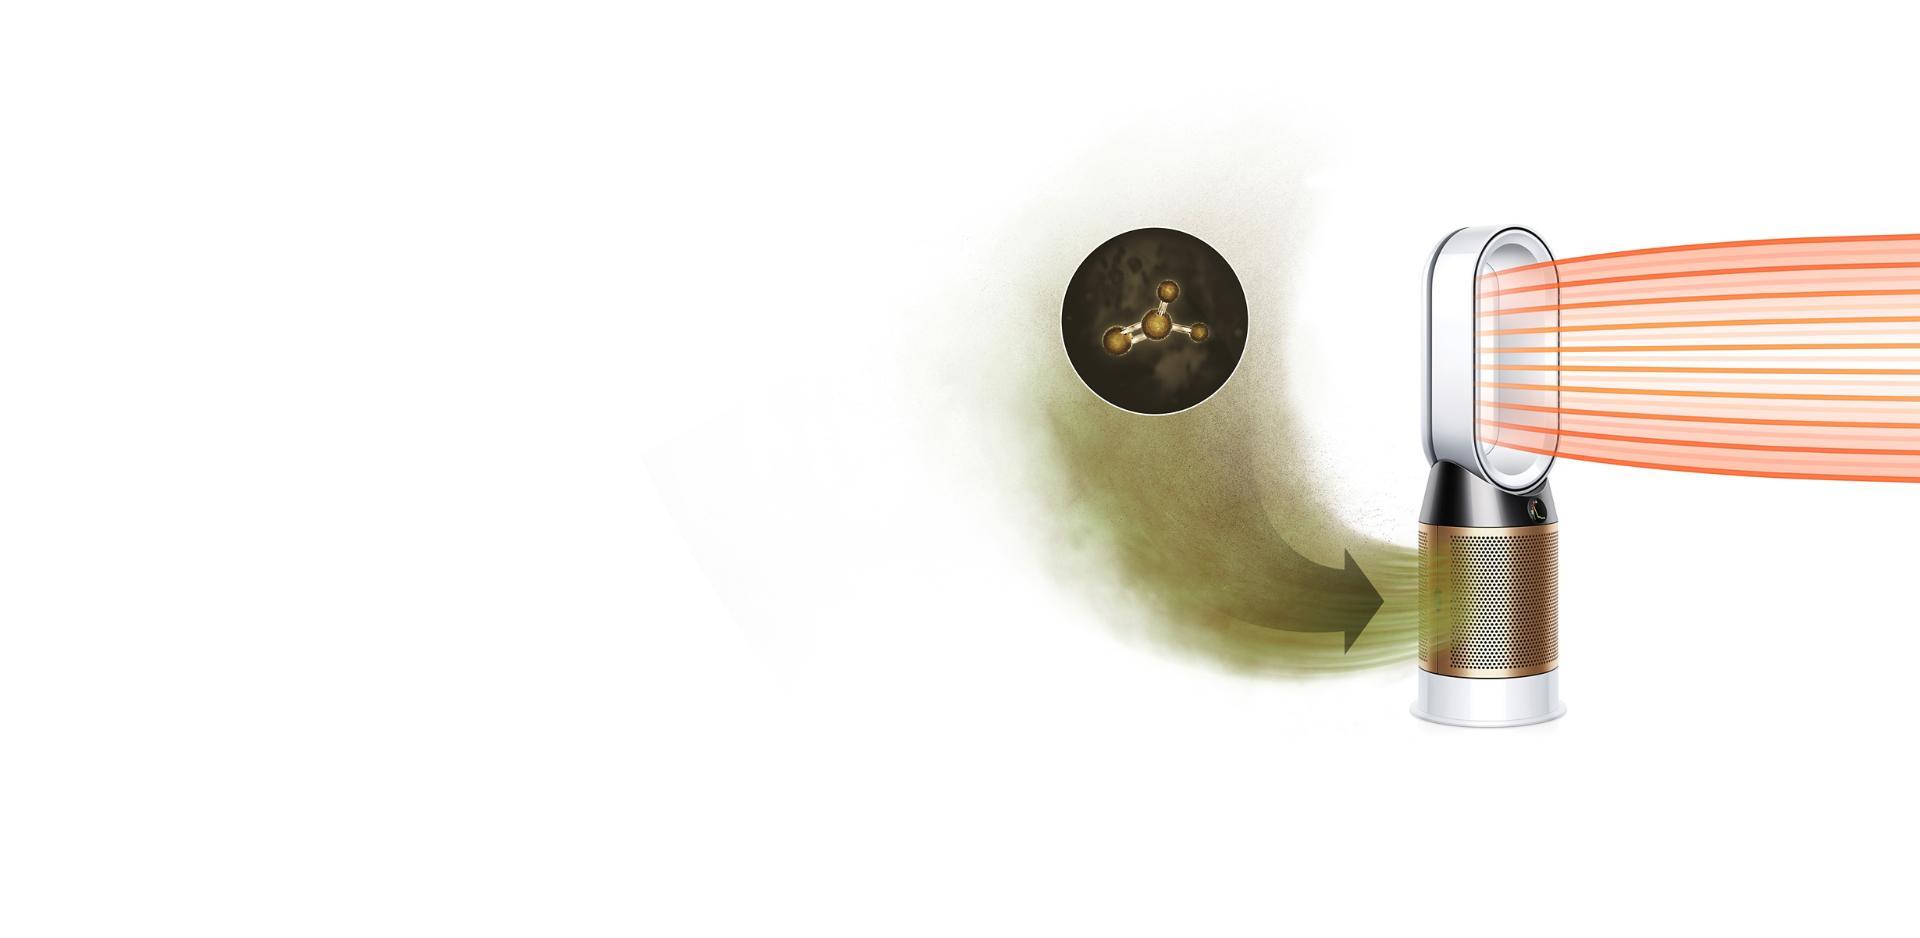 오염된 공기를 빨아들이고 정화된 공기를 분사하는 다이슨 퓨어 핫앤쿨 크립토믹